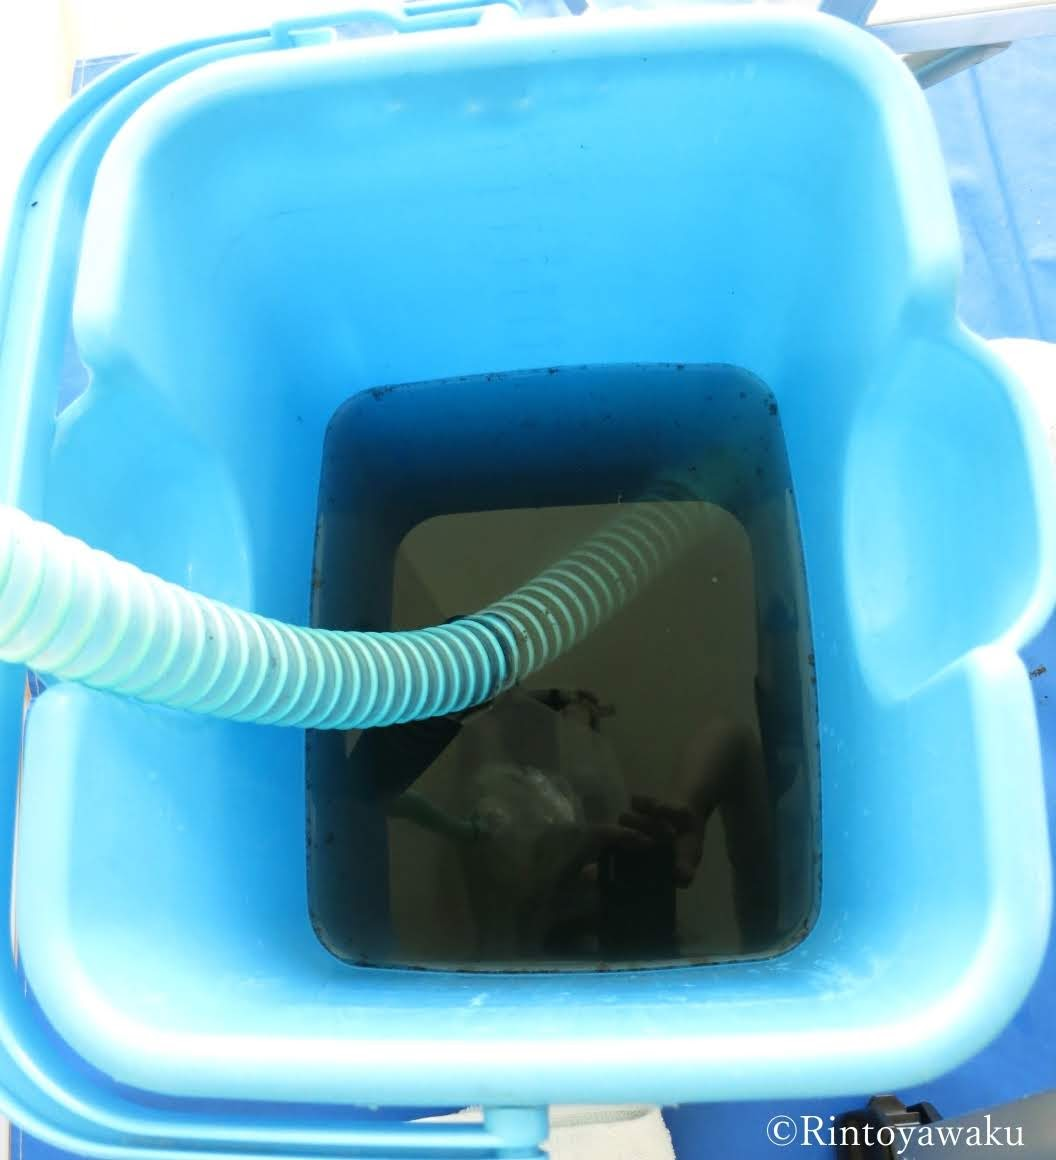 エアコンクリーニングで出てきた汚れた水